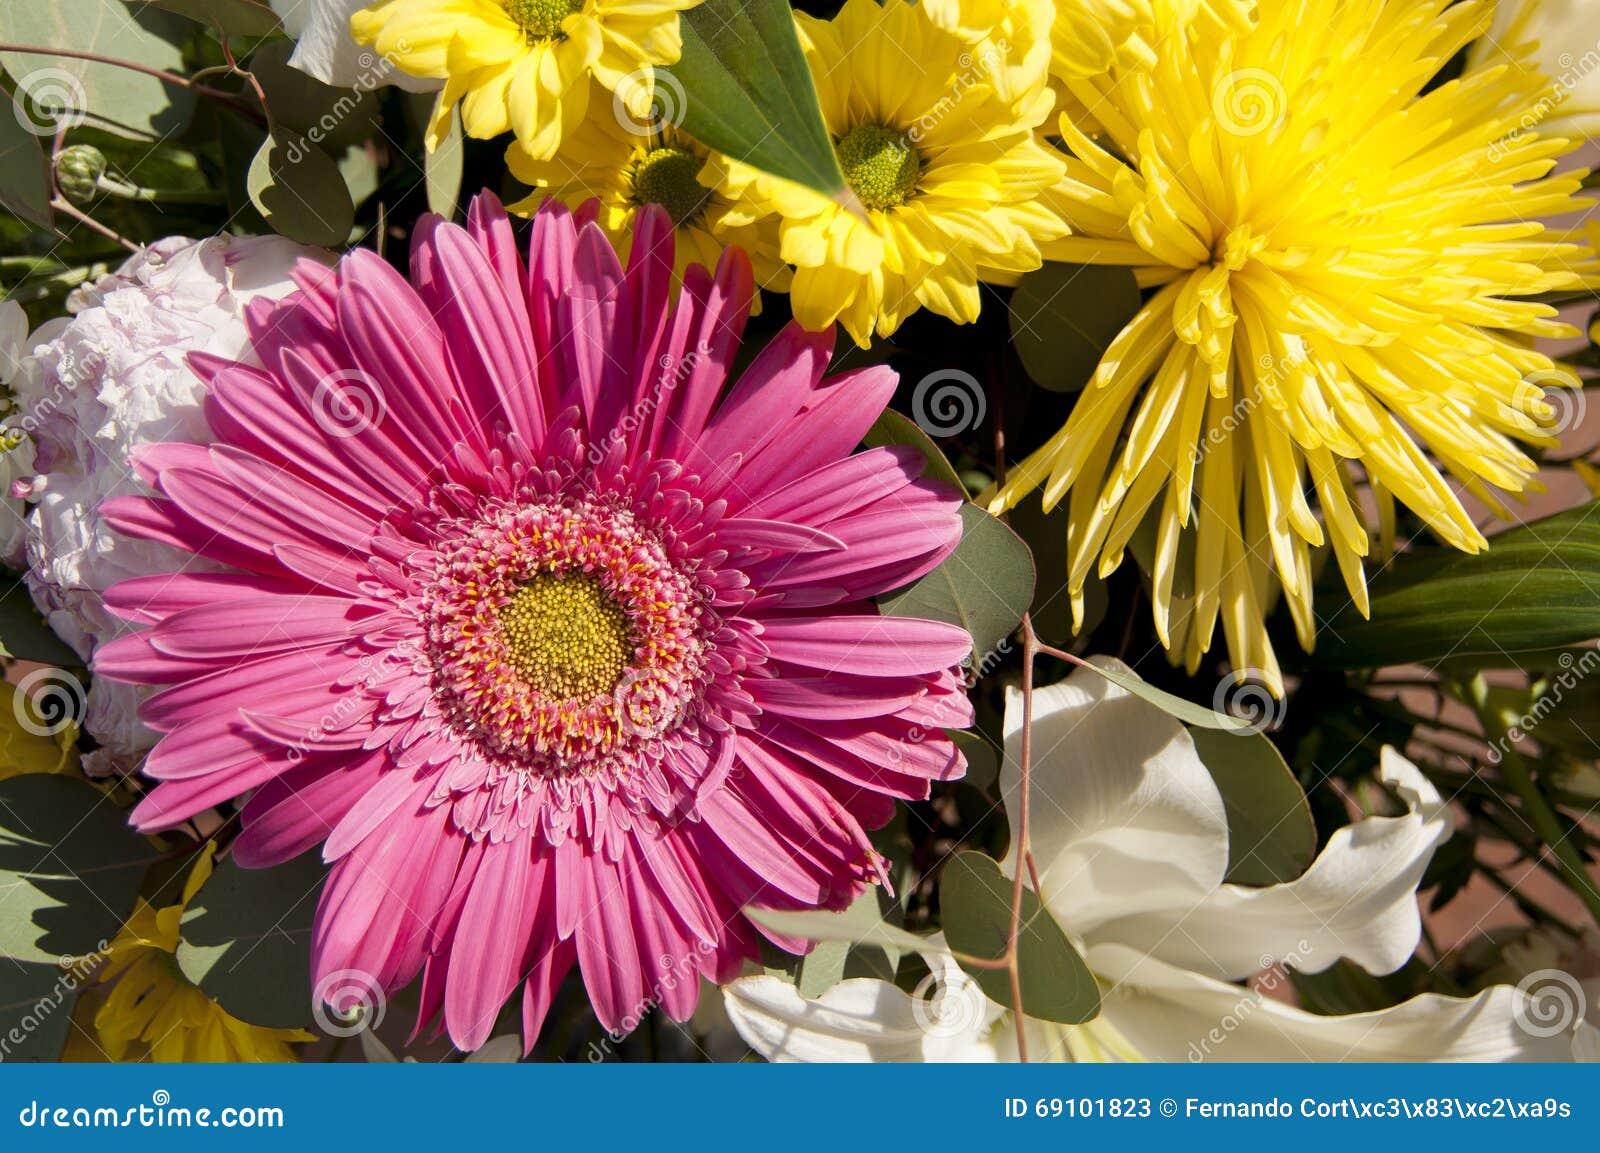 Blumen Und Gänseblümchen Mit Den Großen Blumenblättern Und Den ...